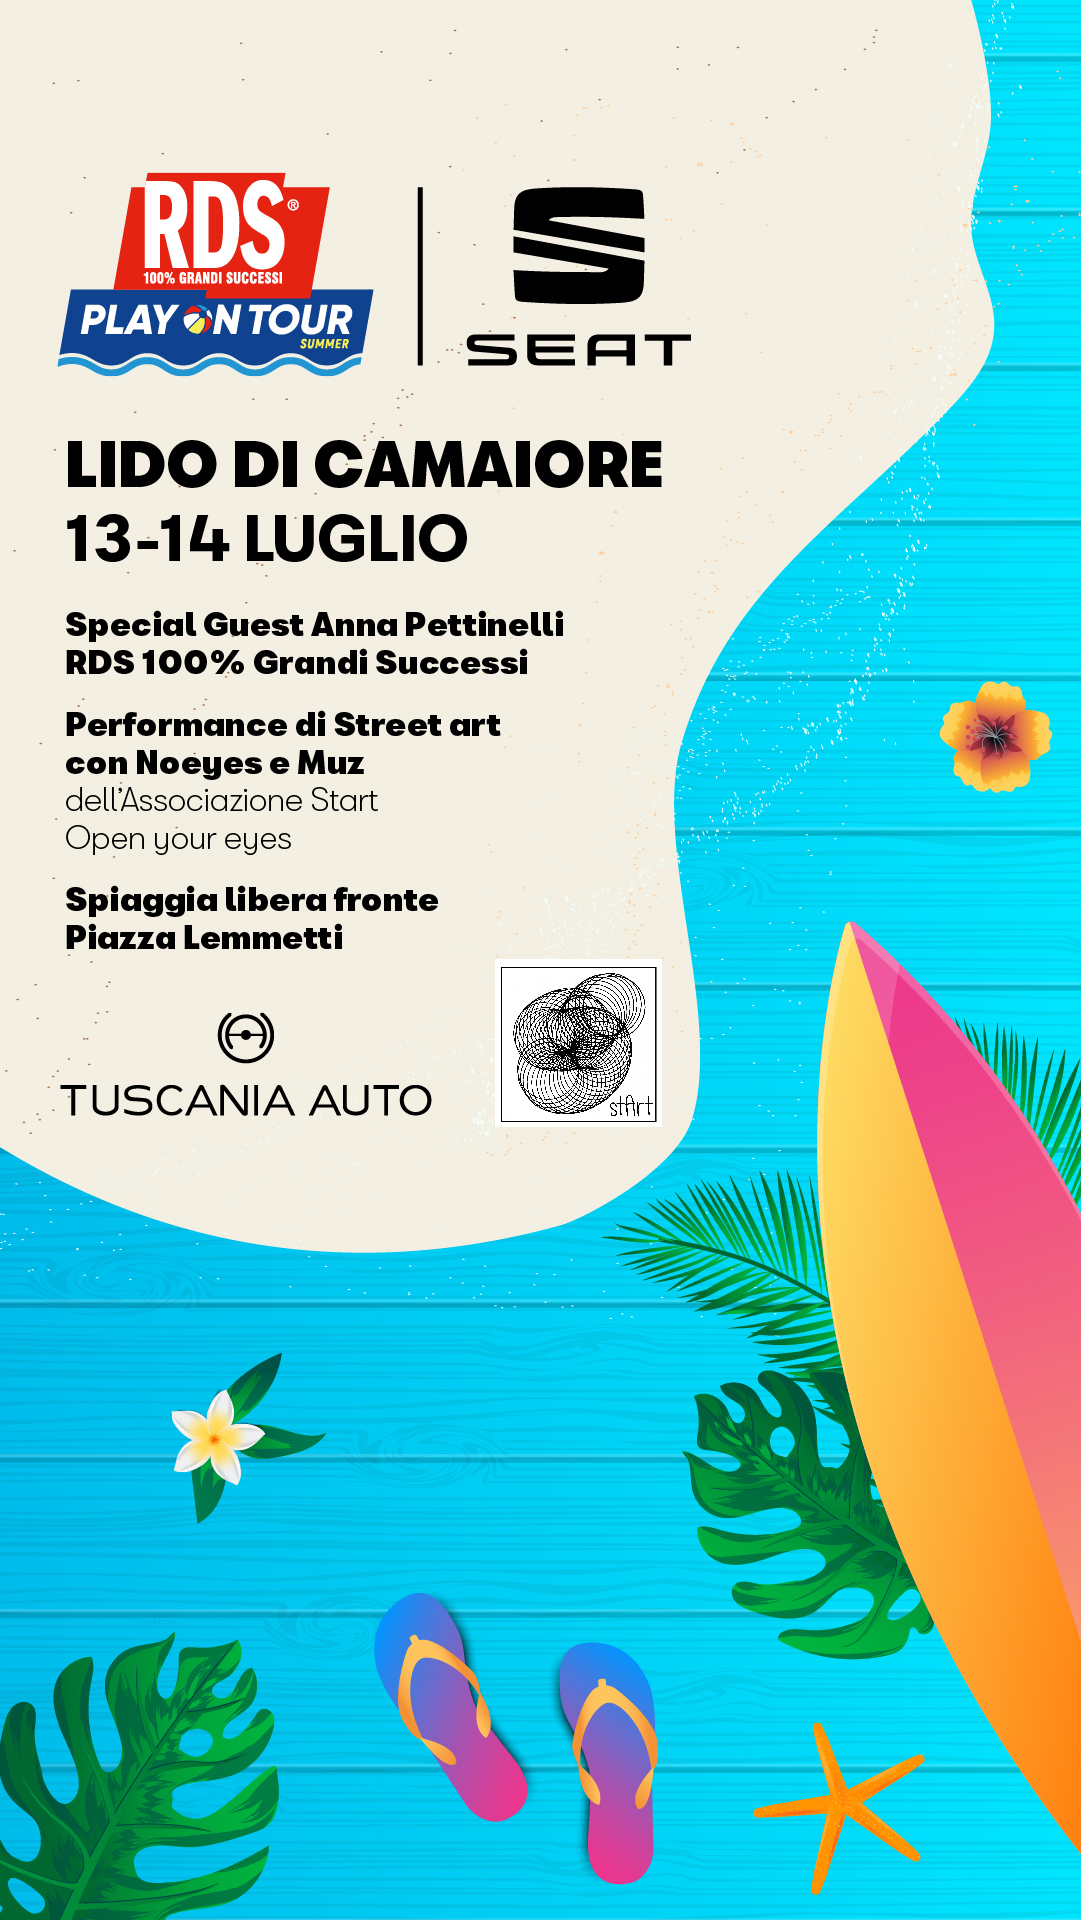 tuscania_lido_camaiore_lug19-e